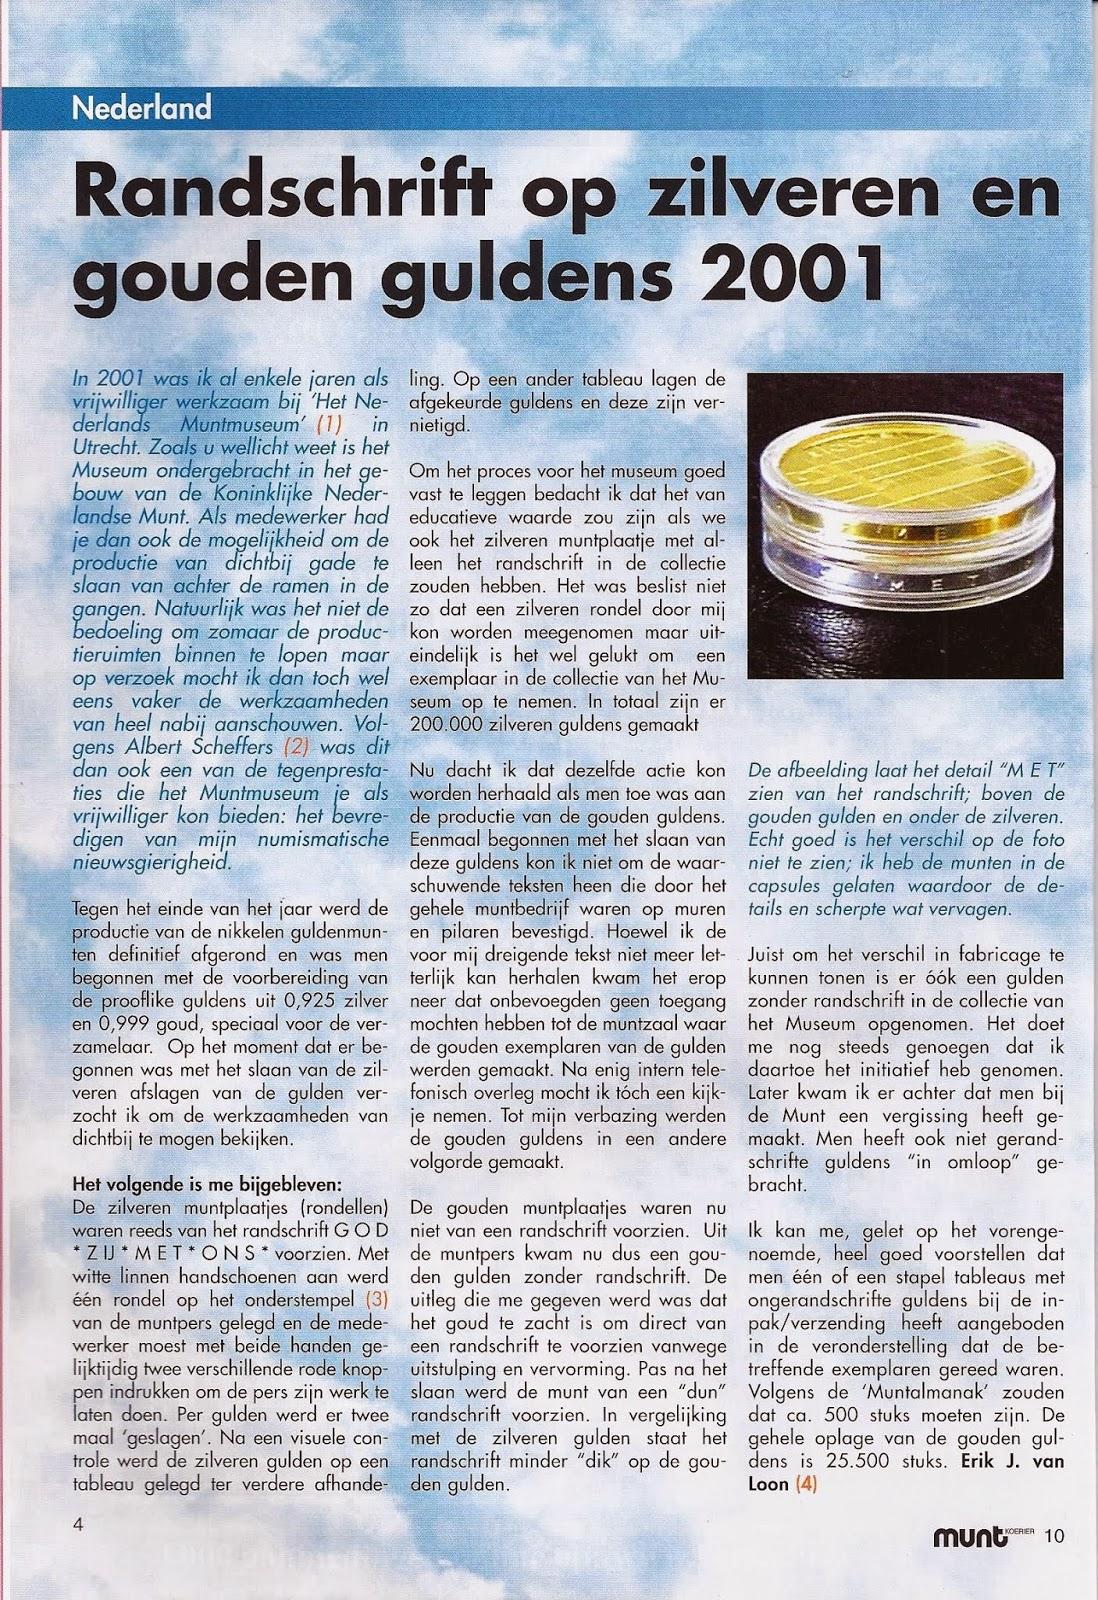 gouden gulden 2001